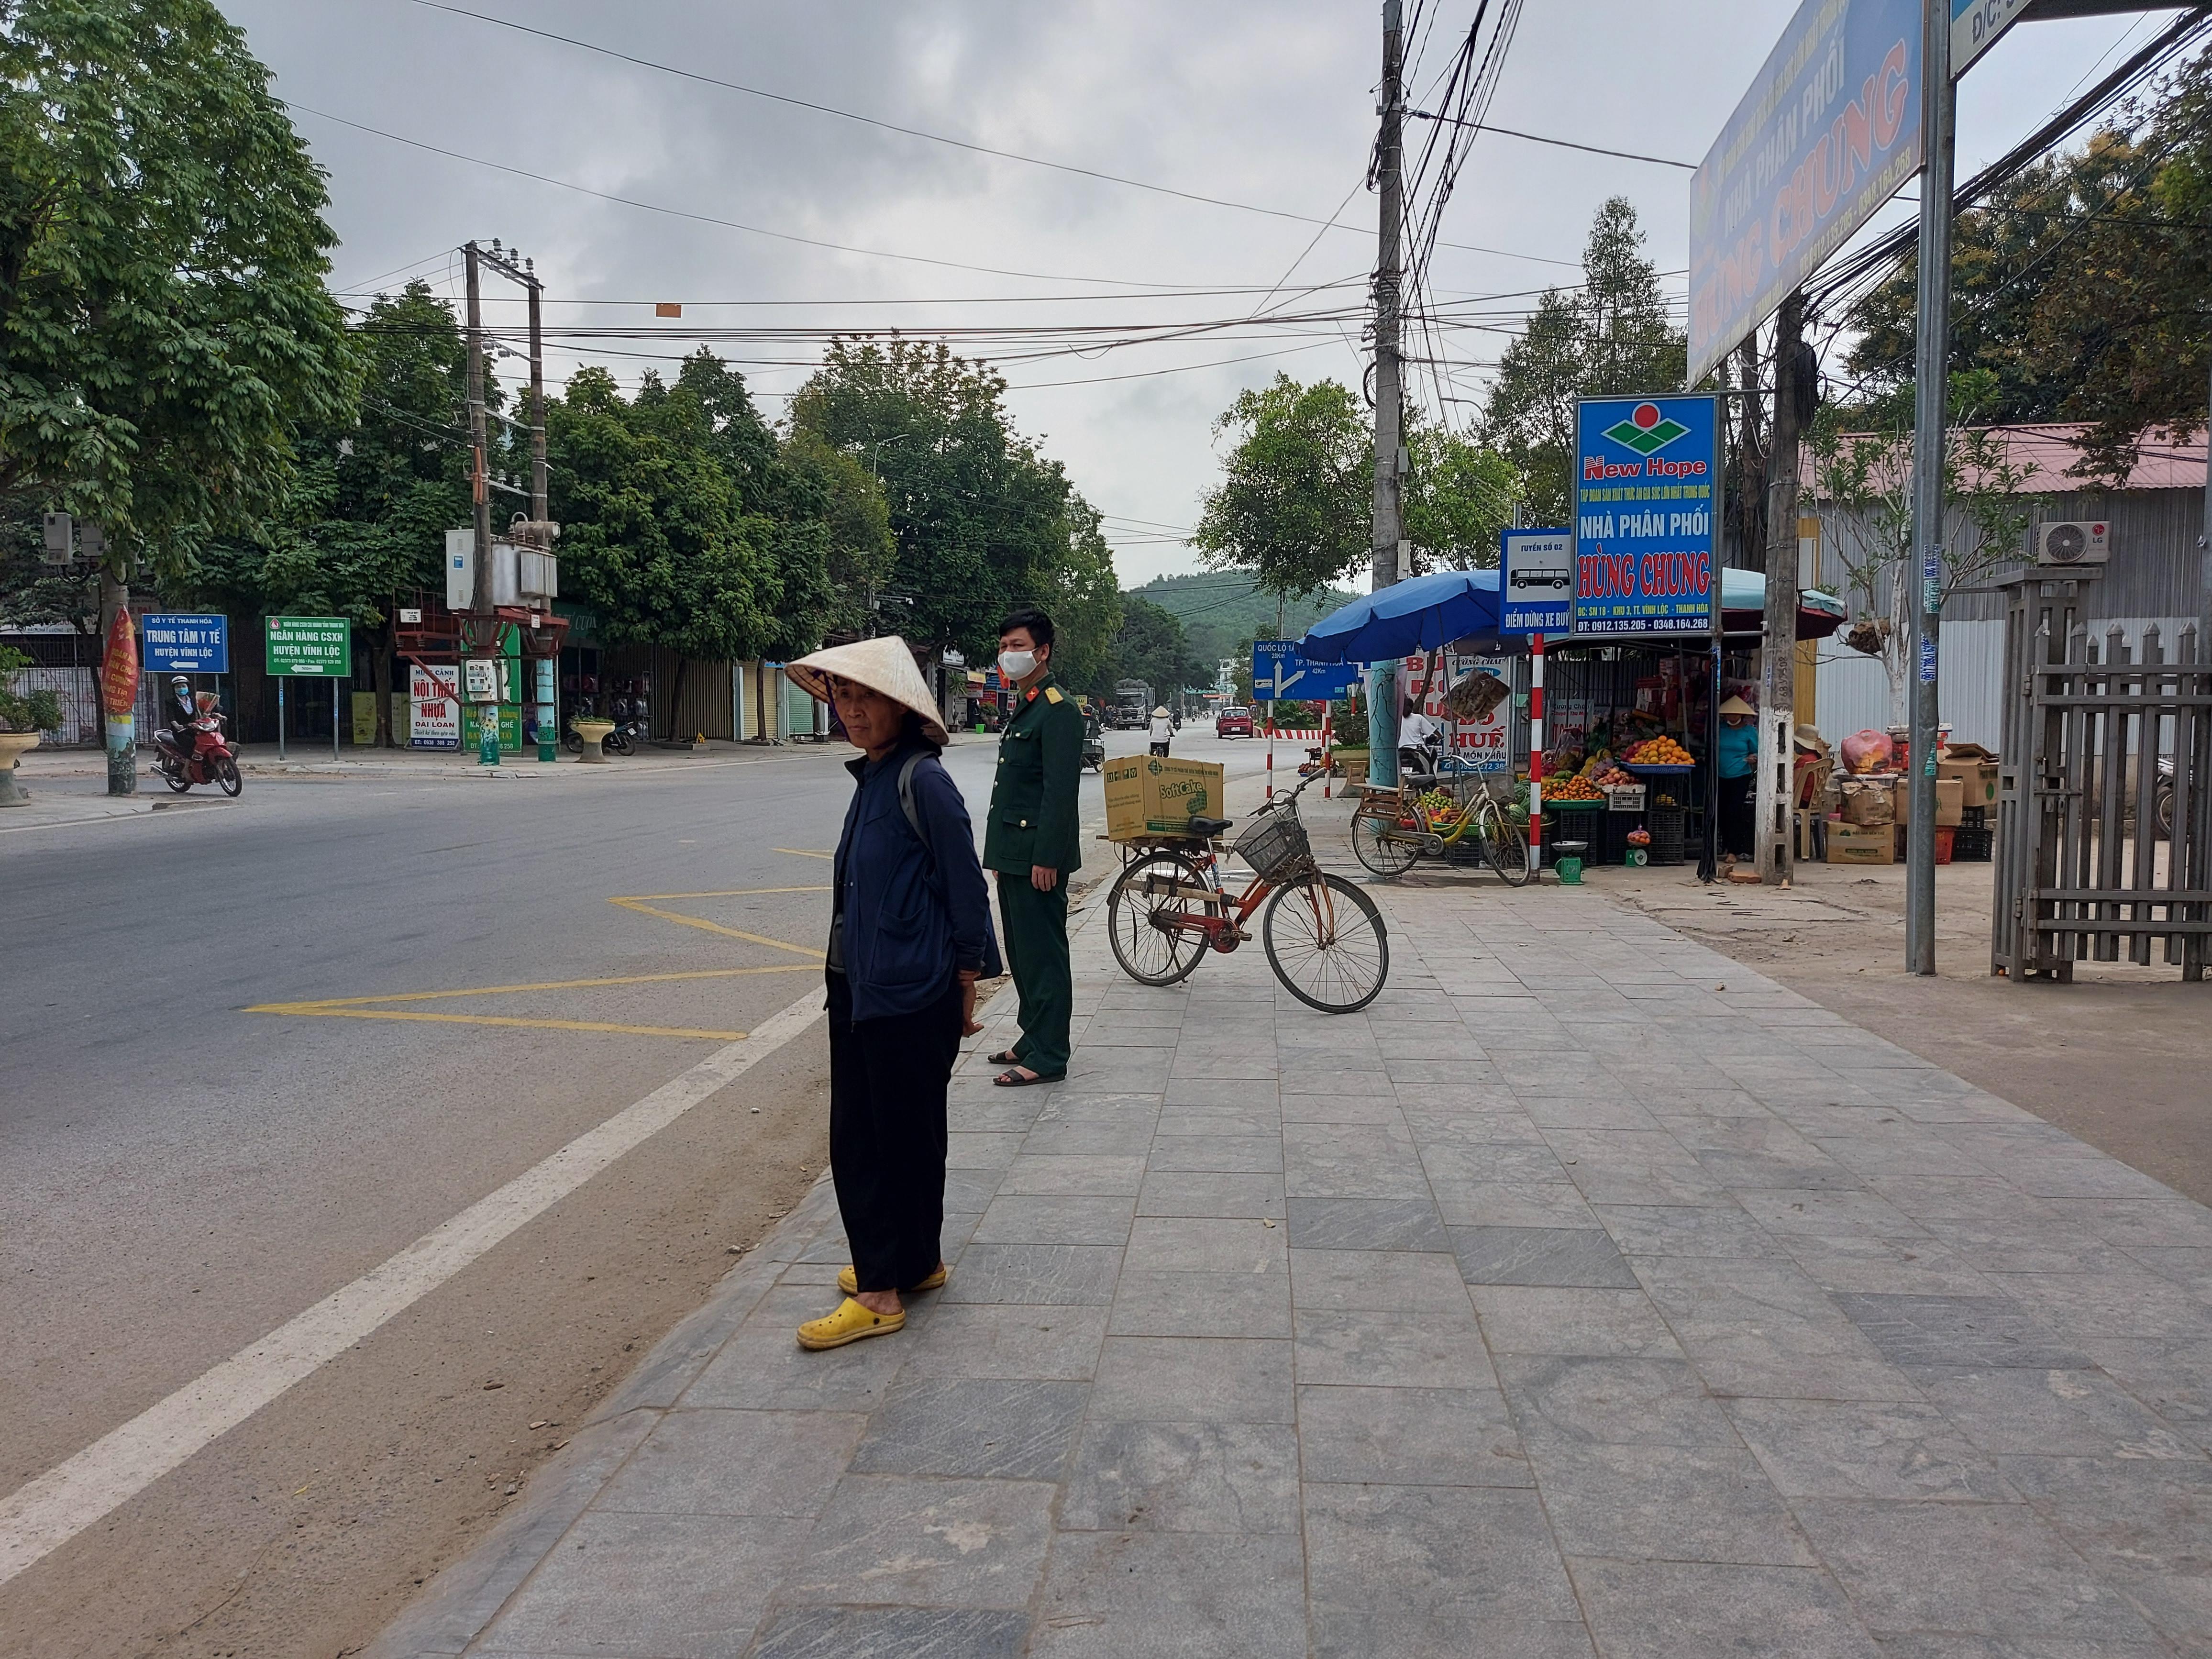 Người dân thị trấn Vĩnh Lộc (Thanh Hóa) hiện đã dễ dàng đứng chờ xe buýt tại điểm dừng đỗ được cắm biển, có vạch kẻ đường.